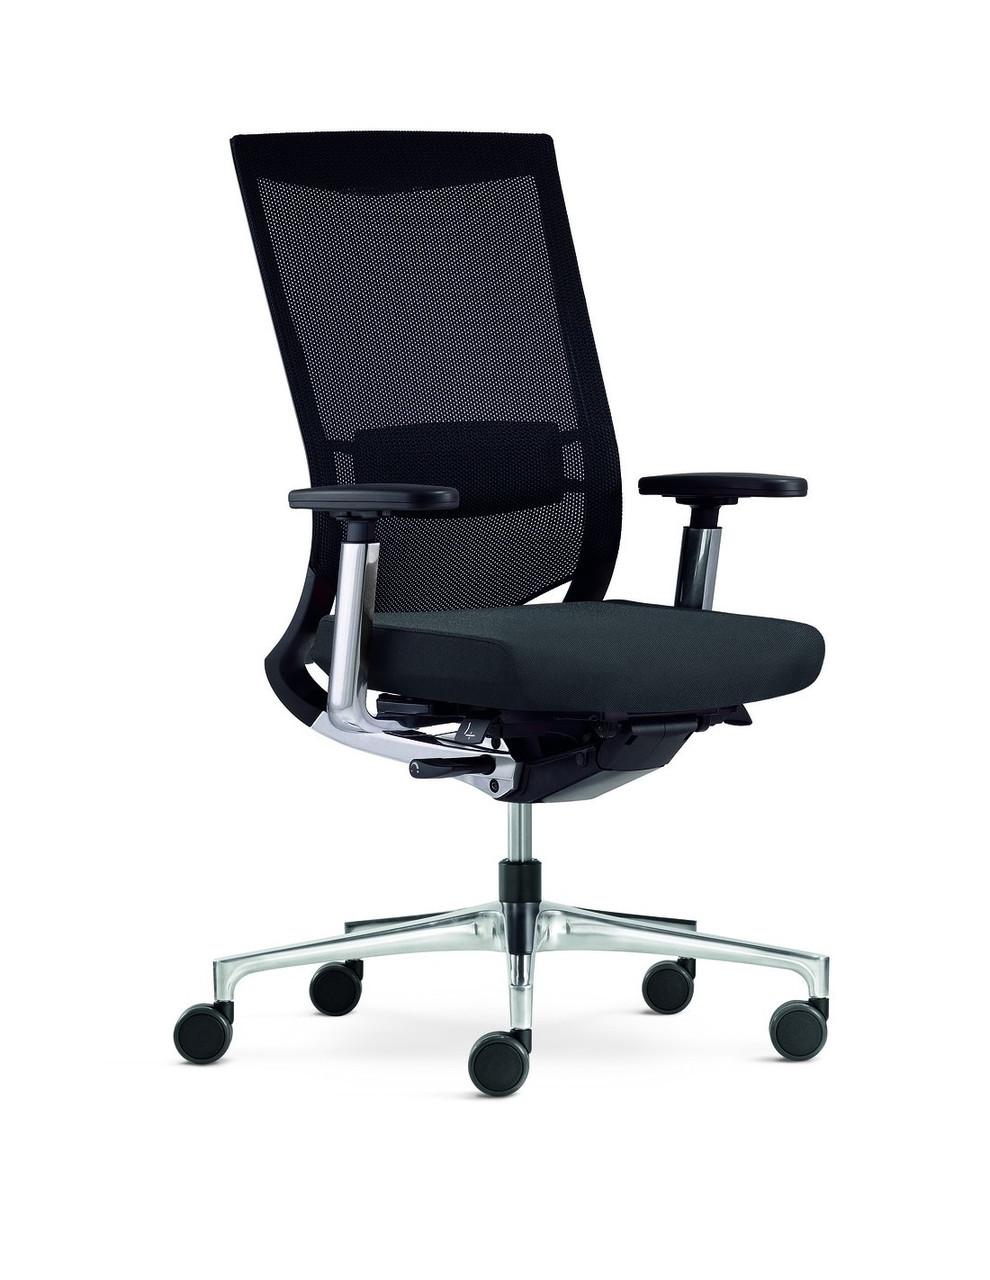 Эргономичное кресло Duera для оператора